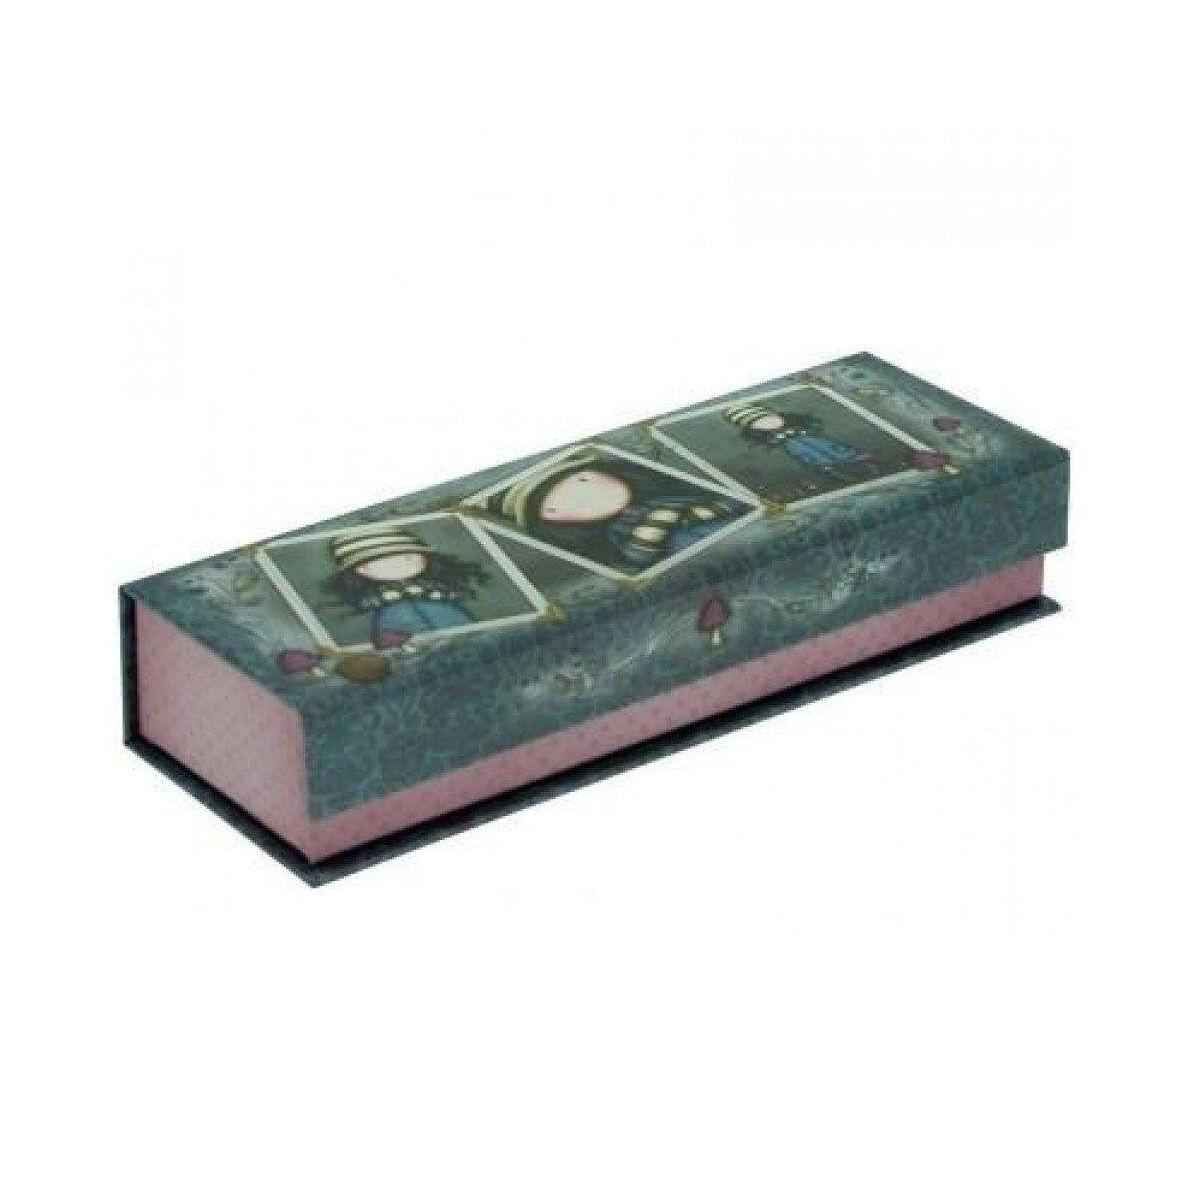 GORJUSS Portapenne e matite pencil box in cartone stampato grigio 20x7x4 cm